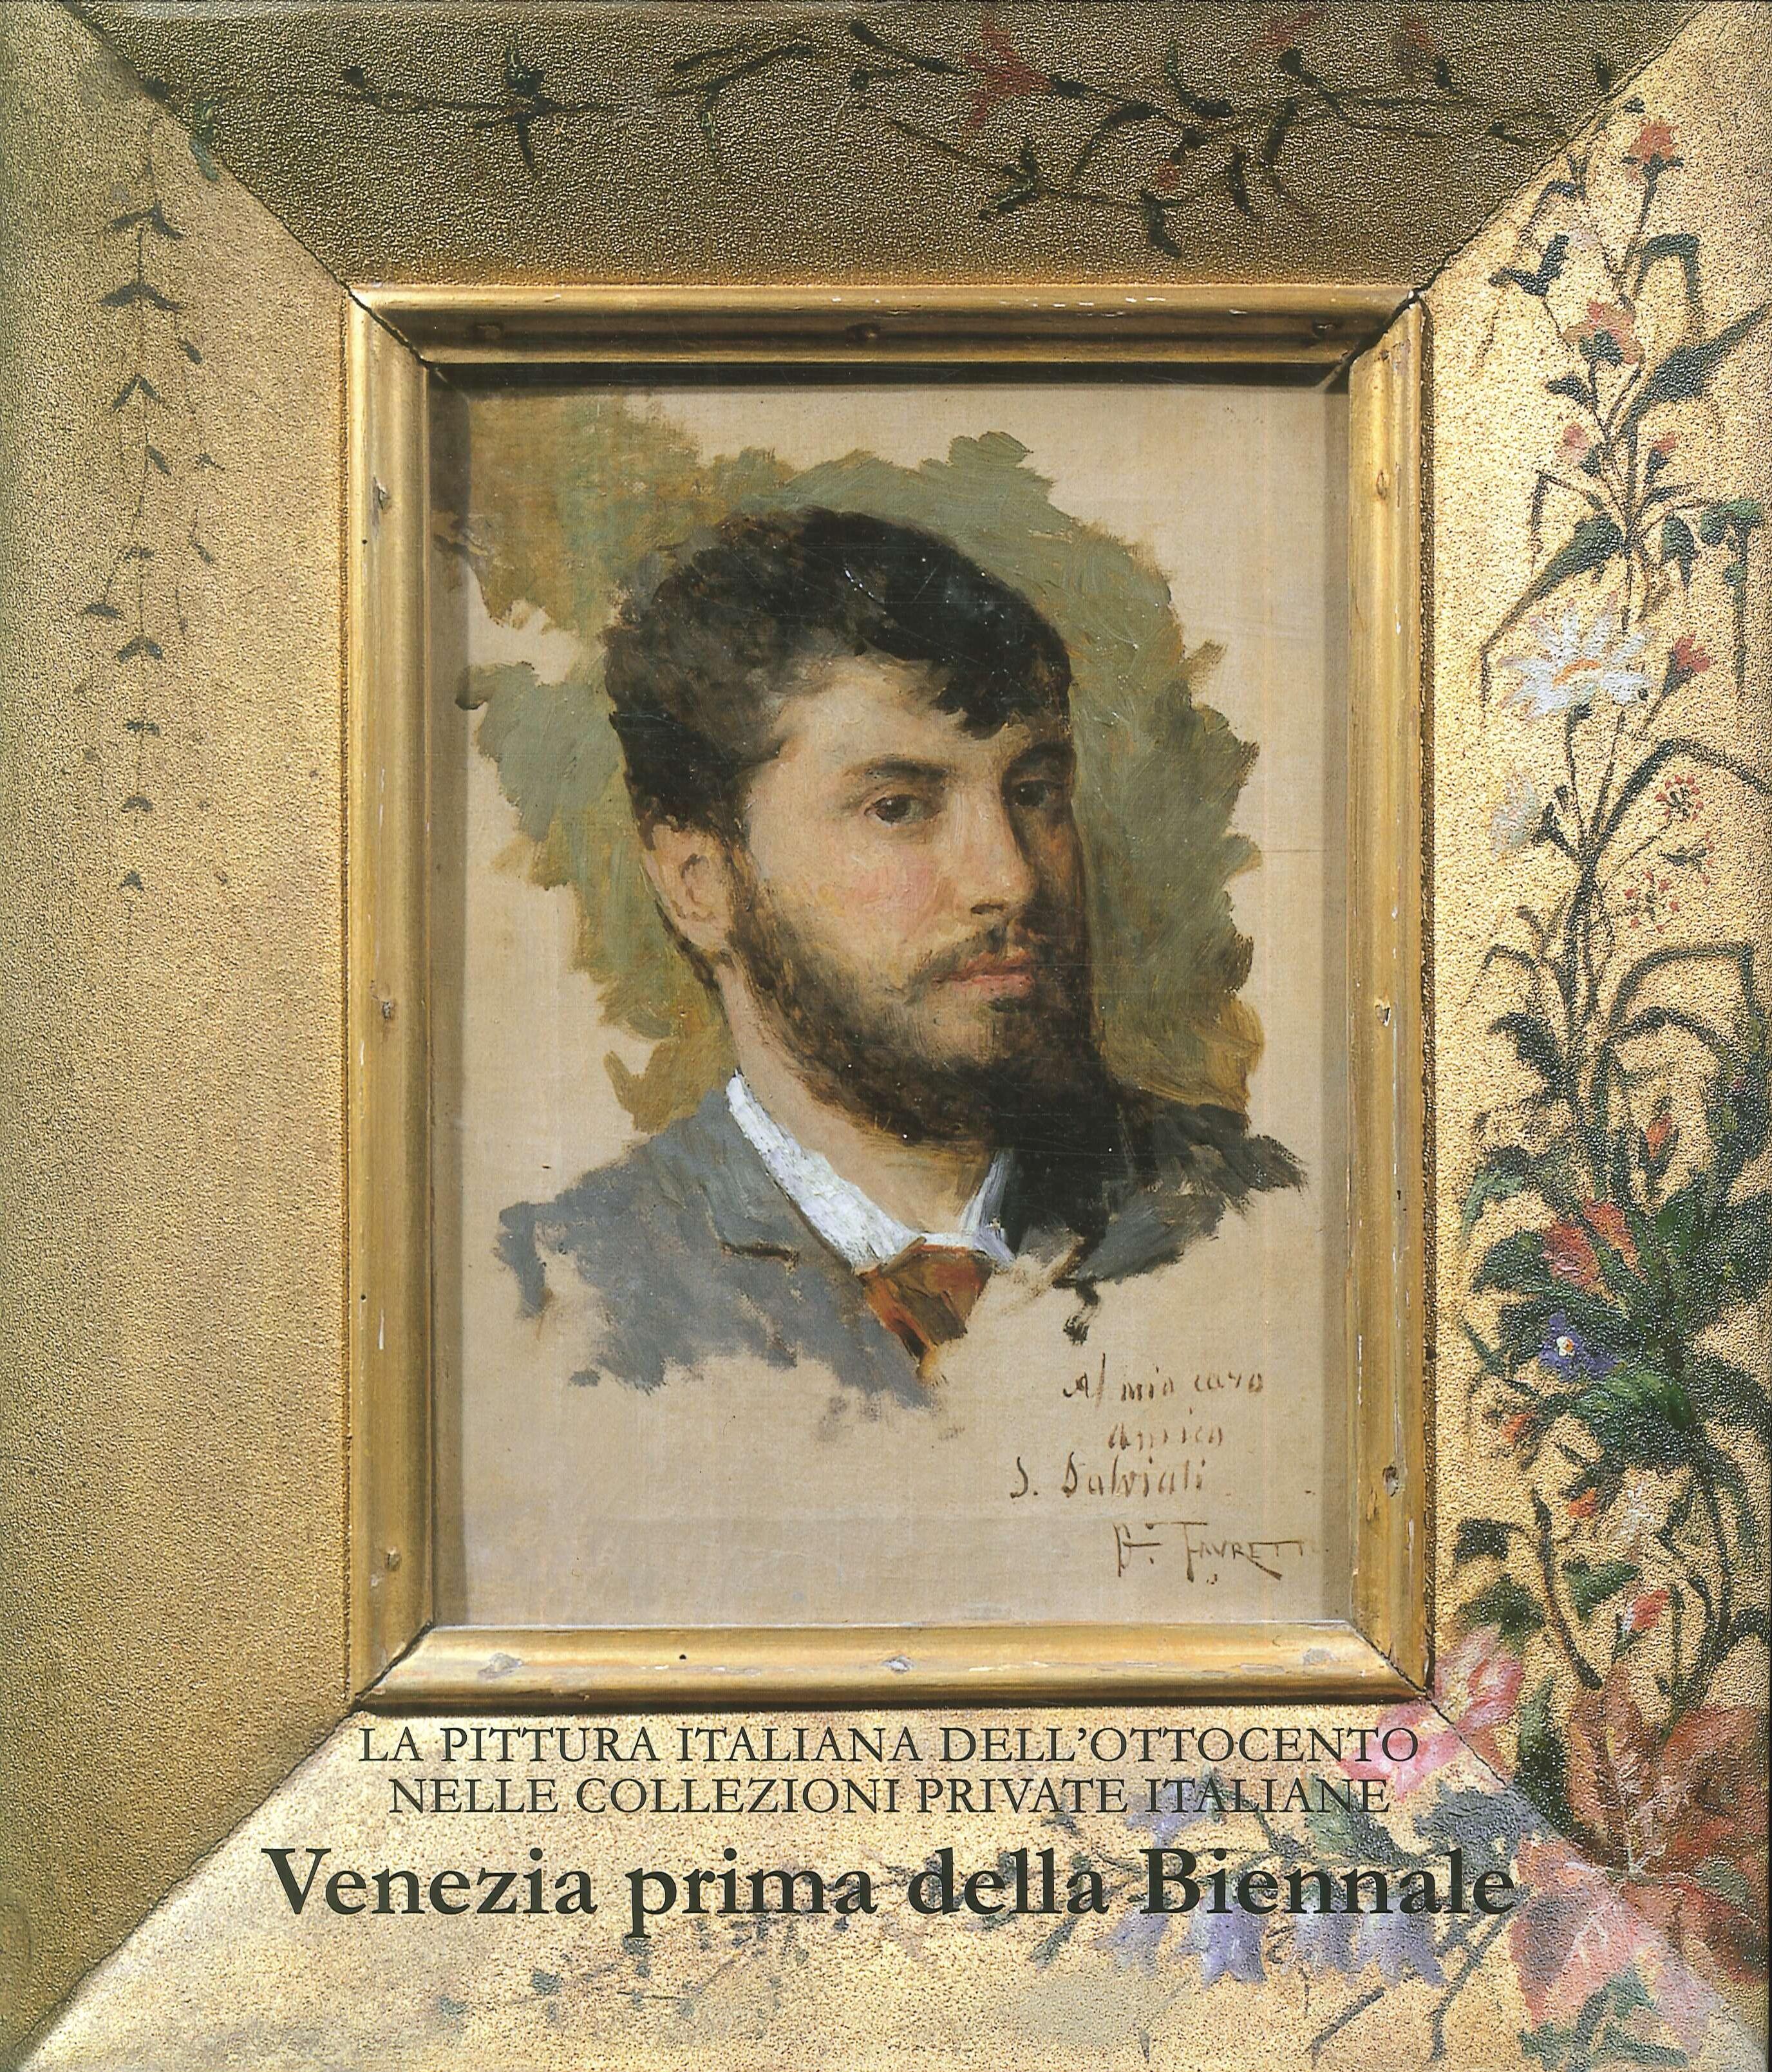 La Pittura Italiana dell'Ottocento nelle Collezioni Private Italiane. Venezia Prima delle Biennale